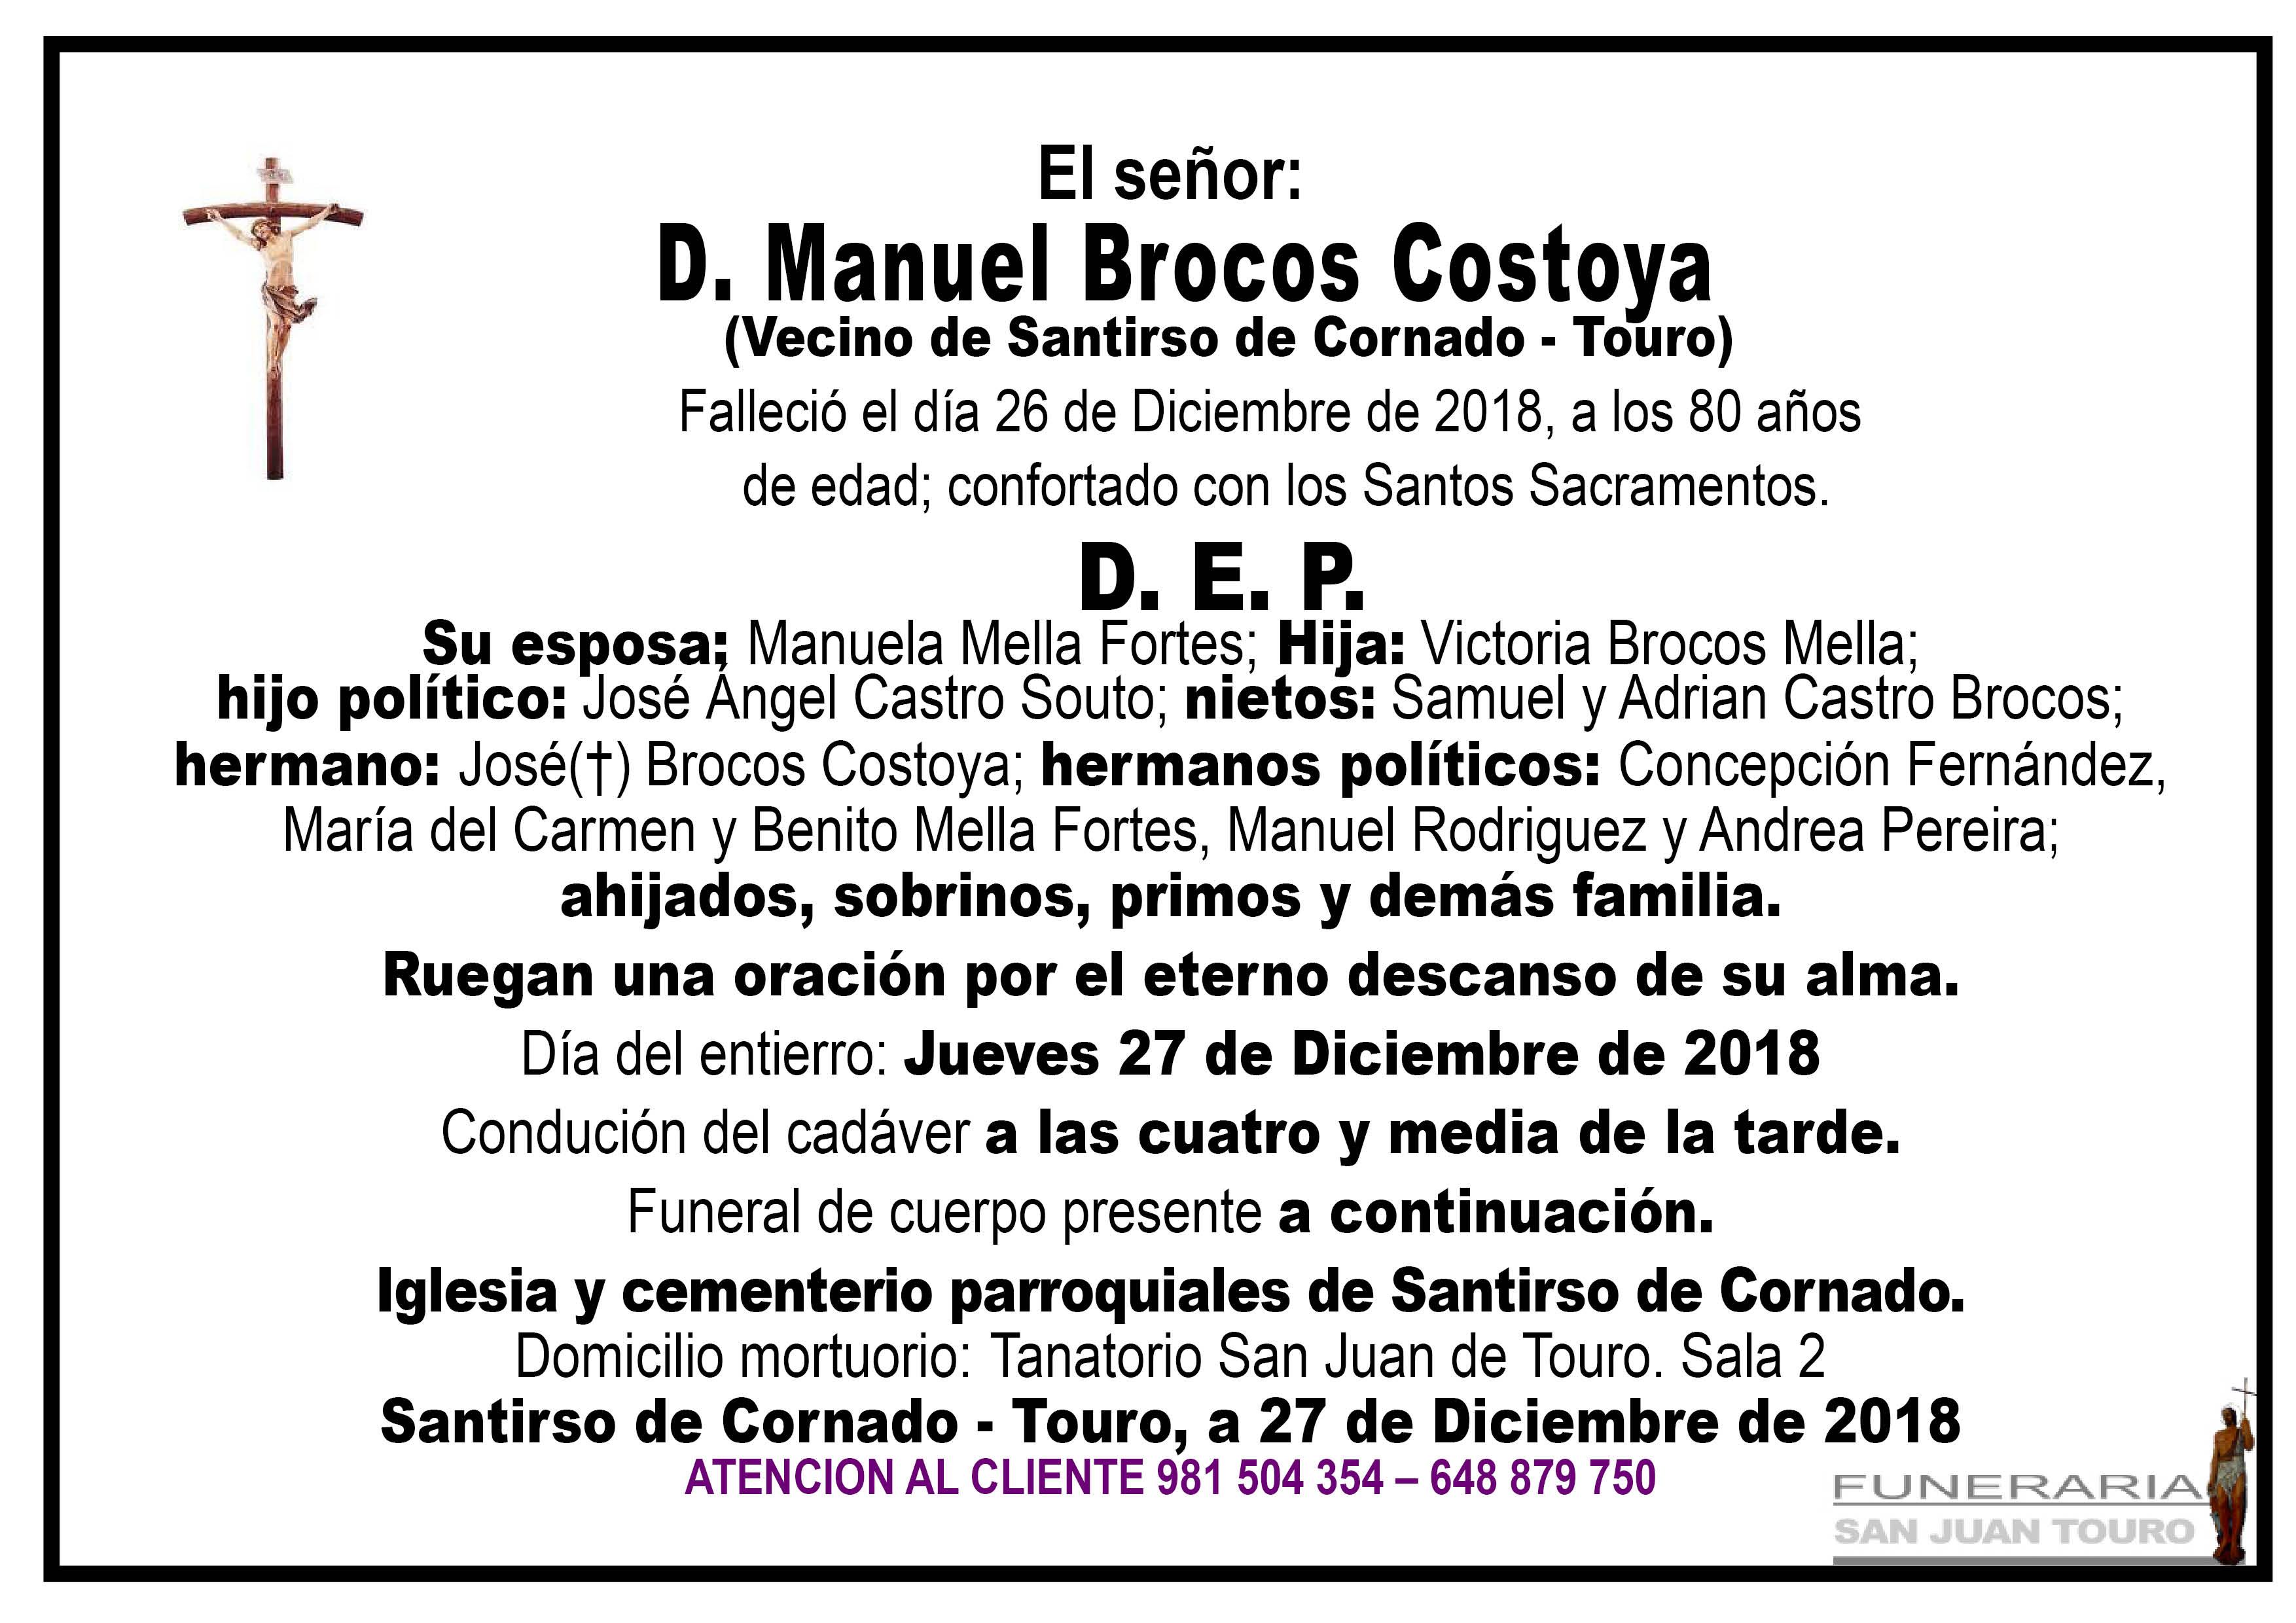 Esquela de SEPELIO DE DON MANUEL BROCOS COSTOYA